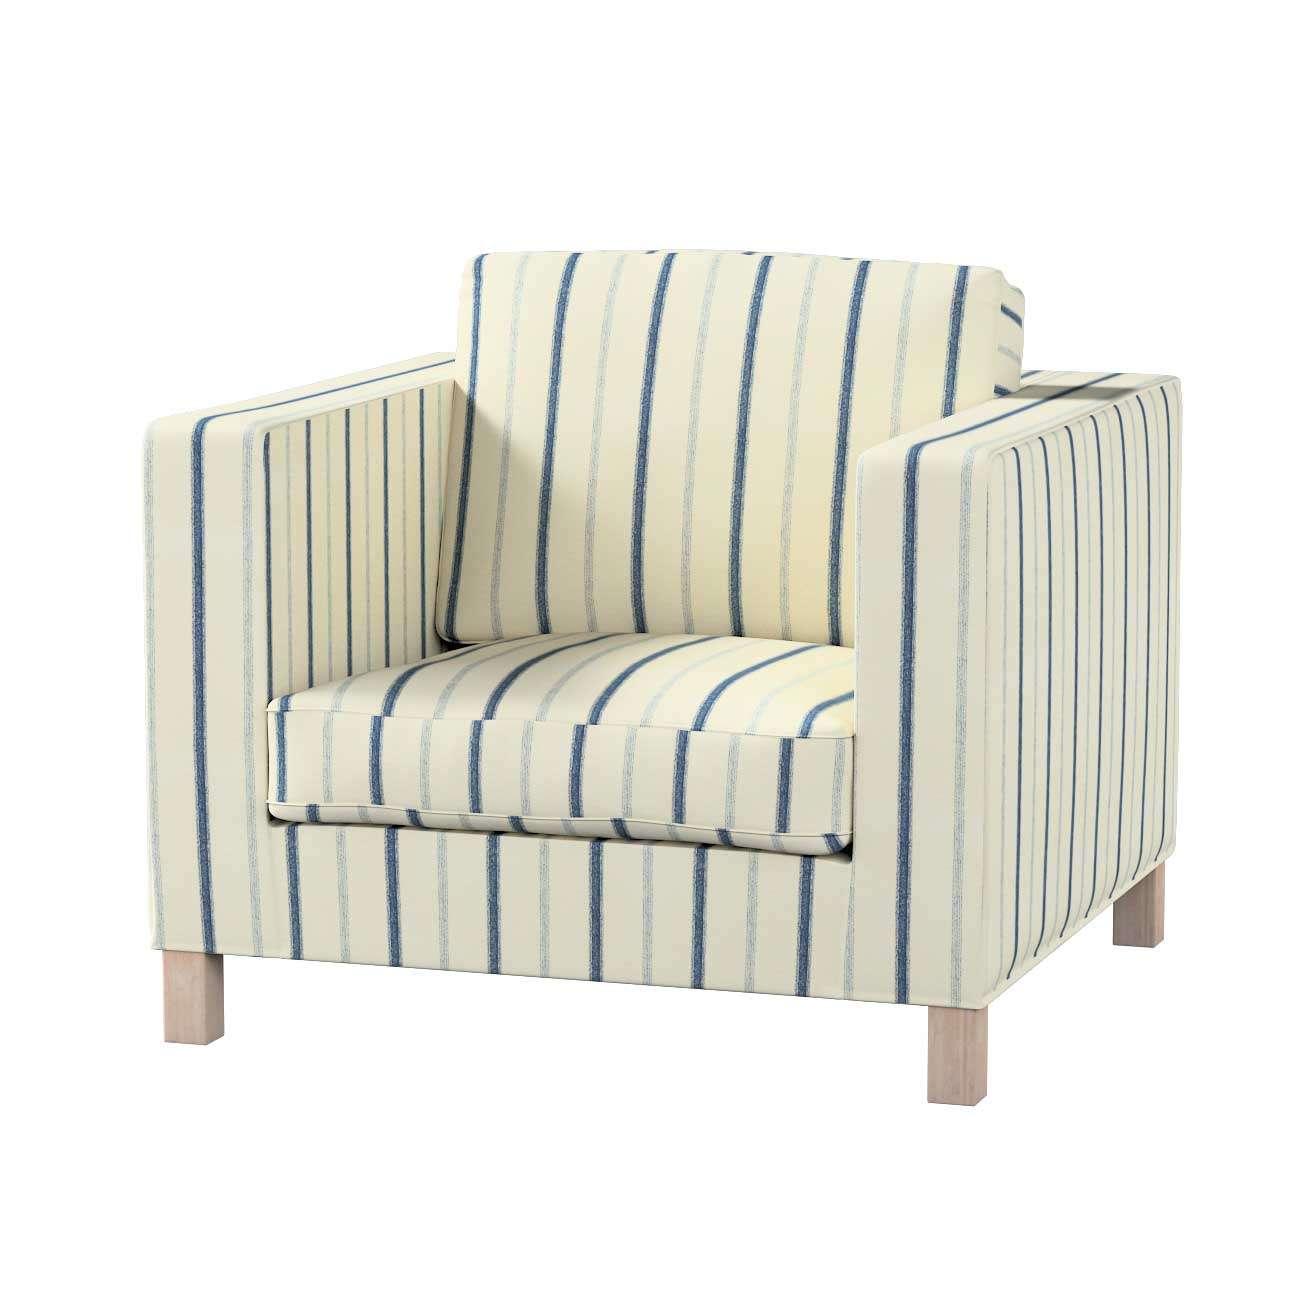 KARLANDA fotelio užvalkalas KARLANDA fotelio užvalkalas kolekcijoje Avinon, audinys: 129-66